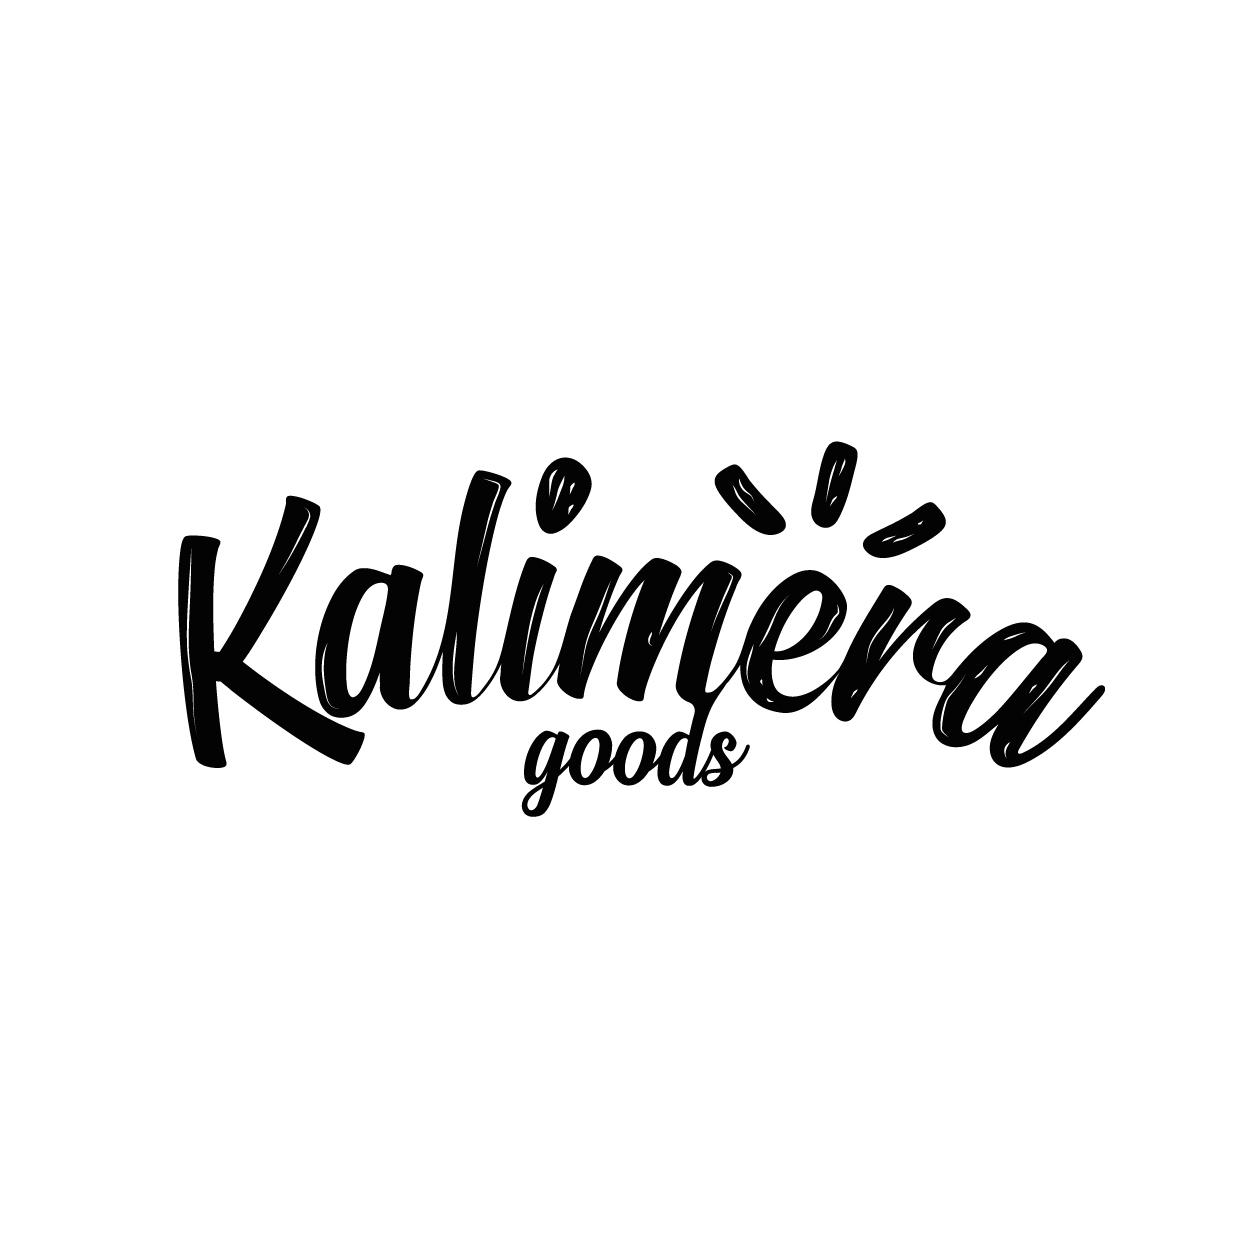 Kalimera Goods